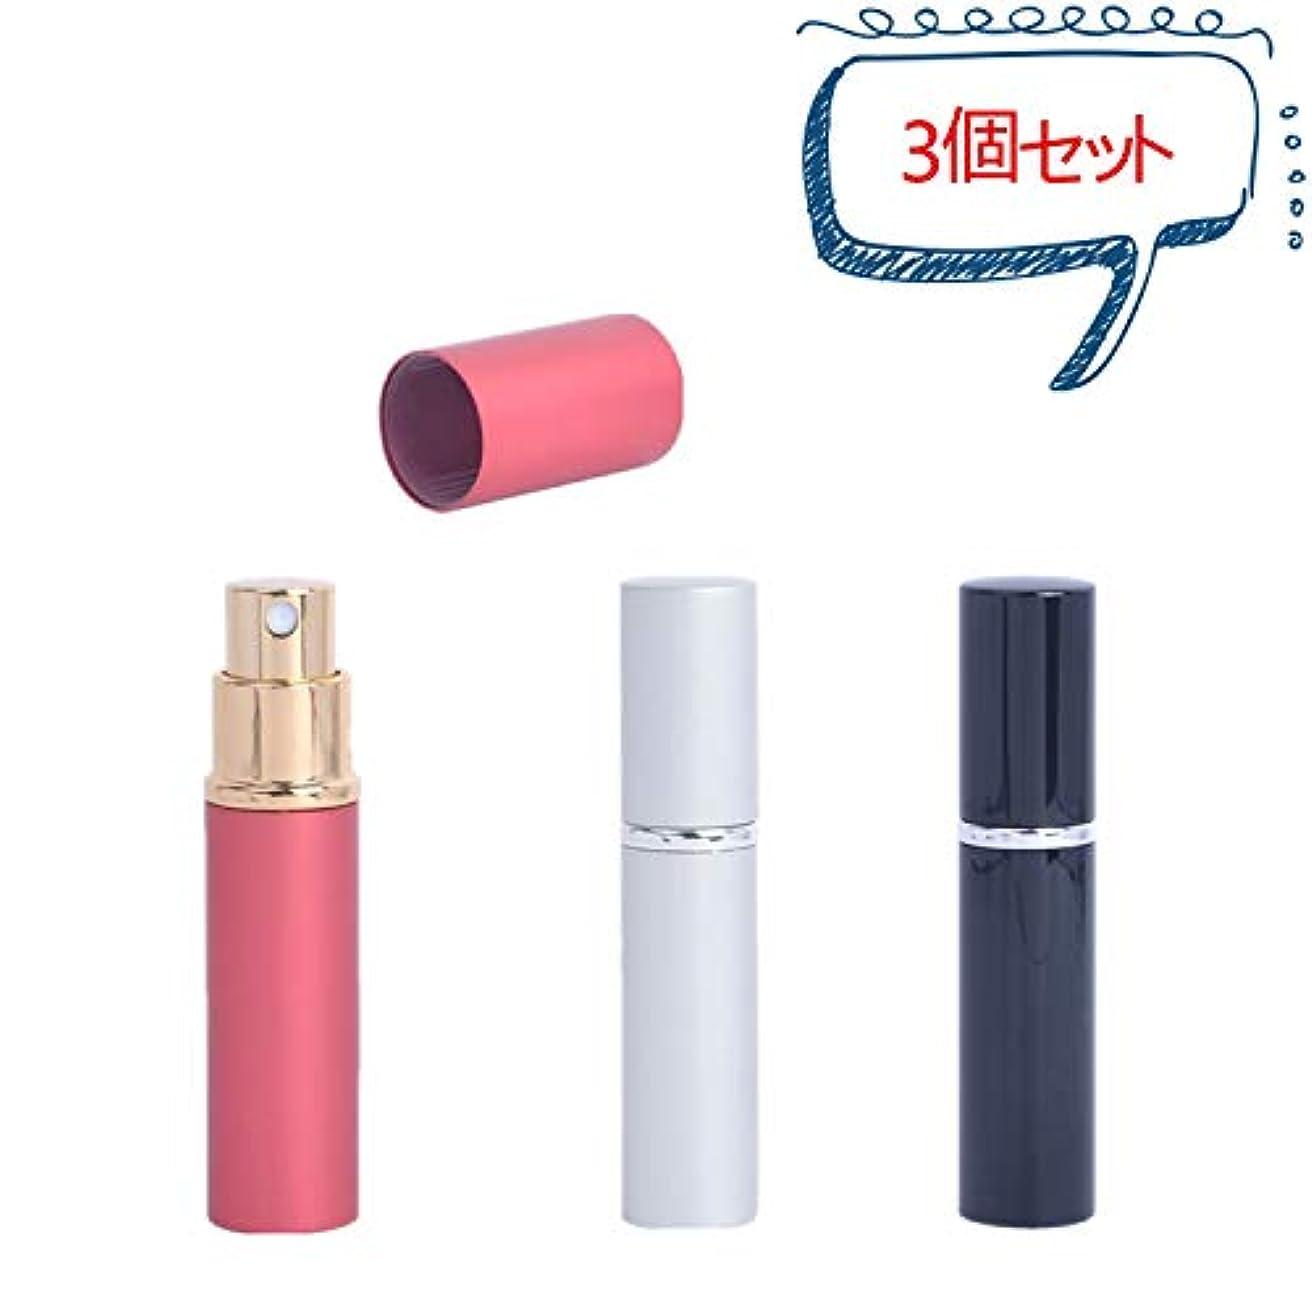 デマンドピボットペスト[Hordlend] 3個セット アトマイザー 香水ボトル 香水噴霧器 詰め替え容器 旅行携帯用 5ml 3色セットXSP-025